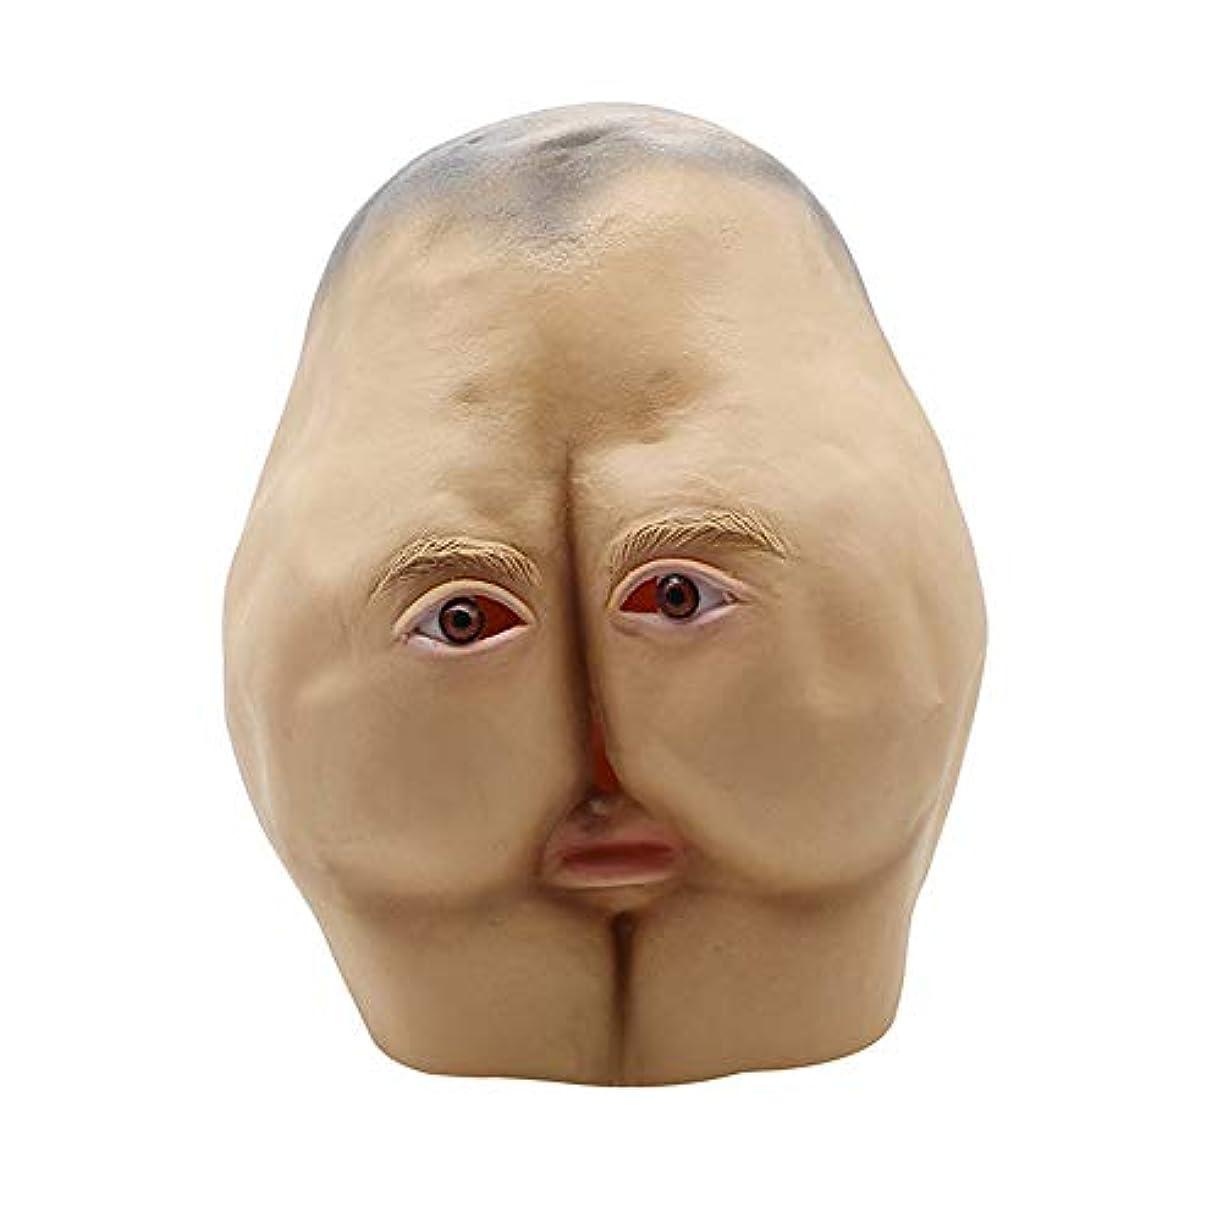 決して丈夫投票ラテックスマスクハロウィンおかしいマスクお尻スタイリングパーティー整頓小道具パロディーバー誕生日を飾るために使用